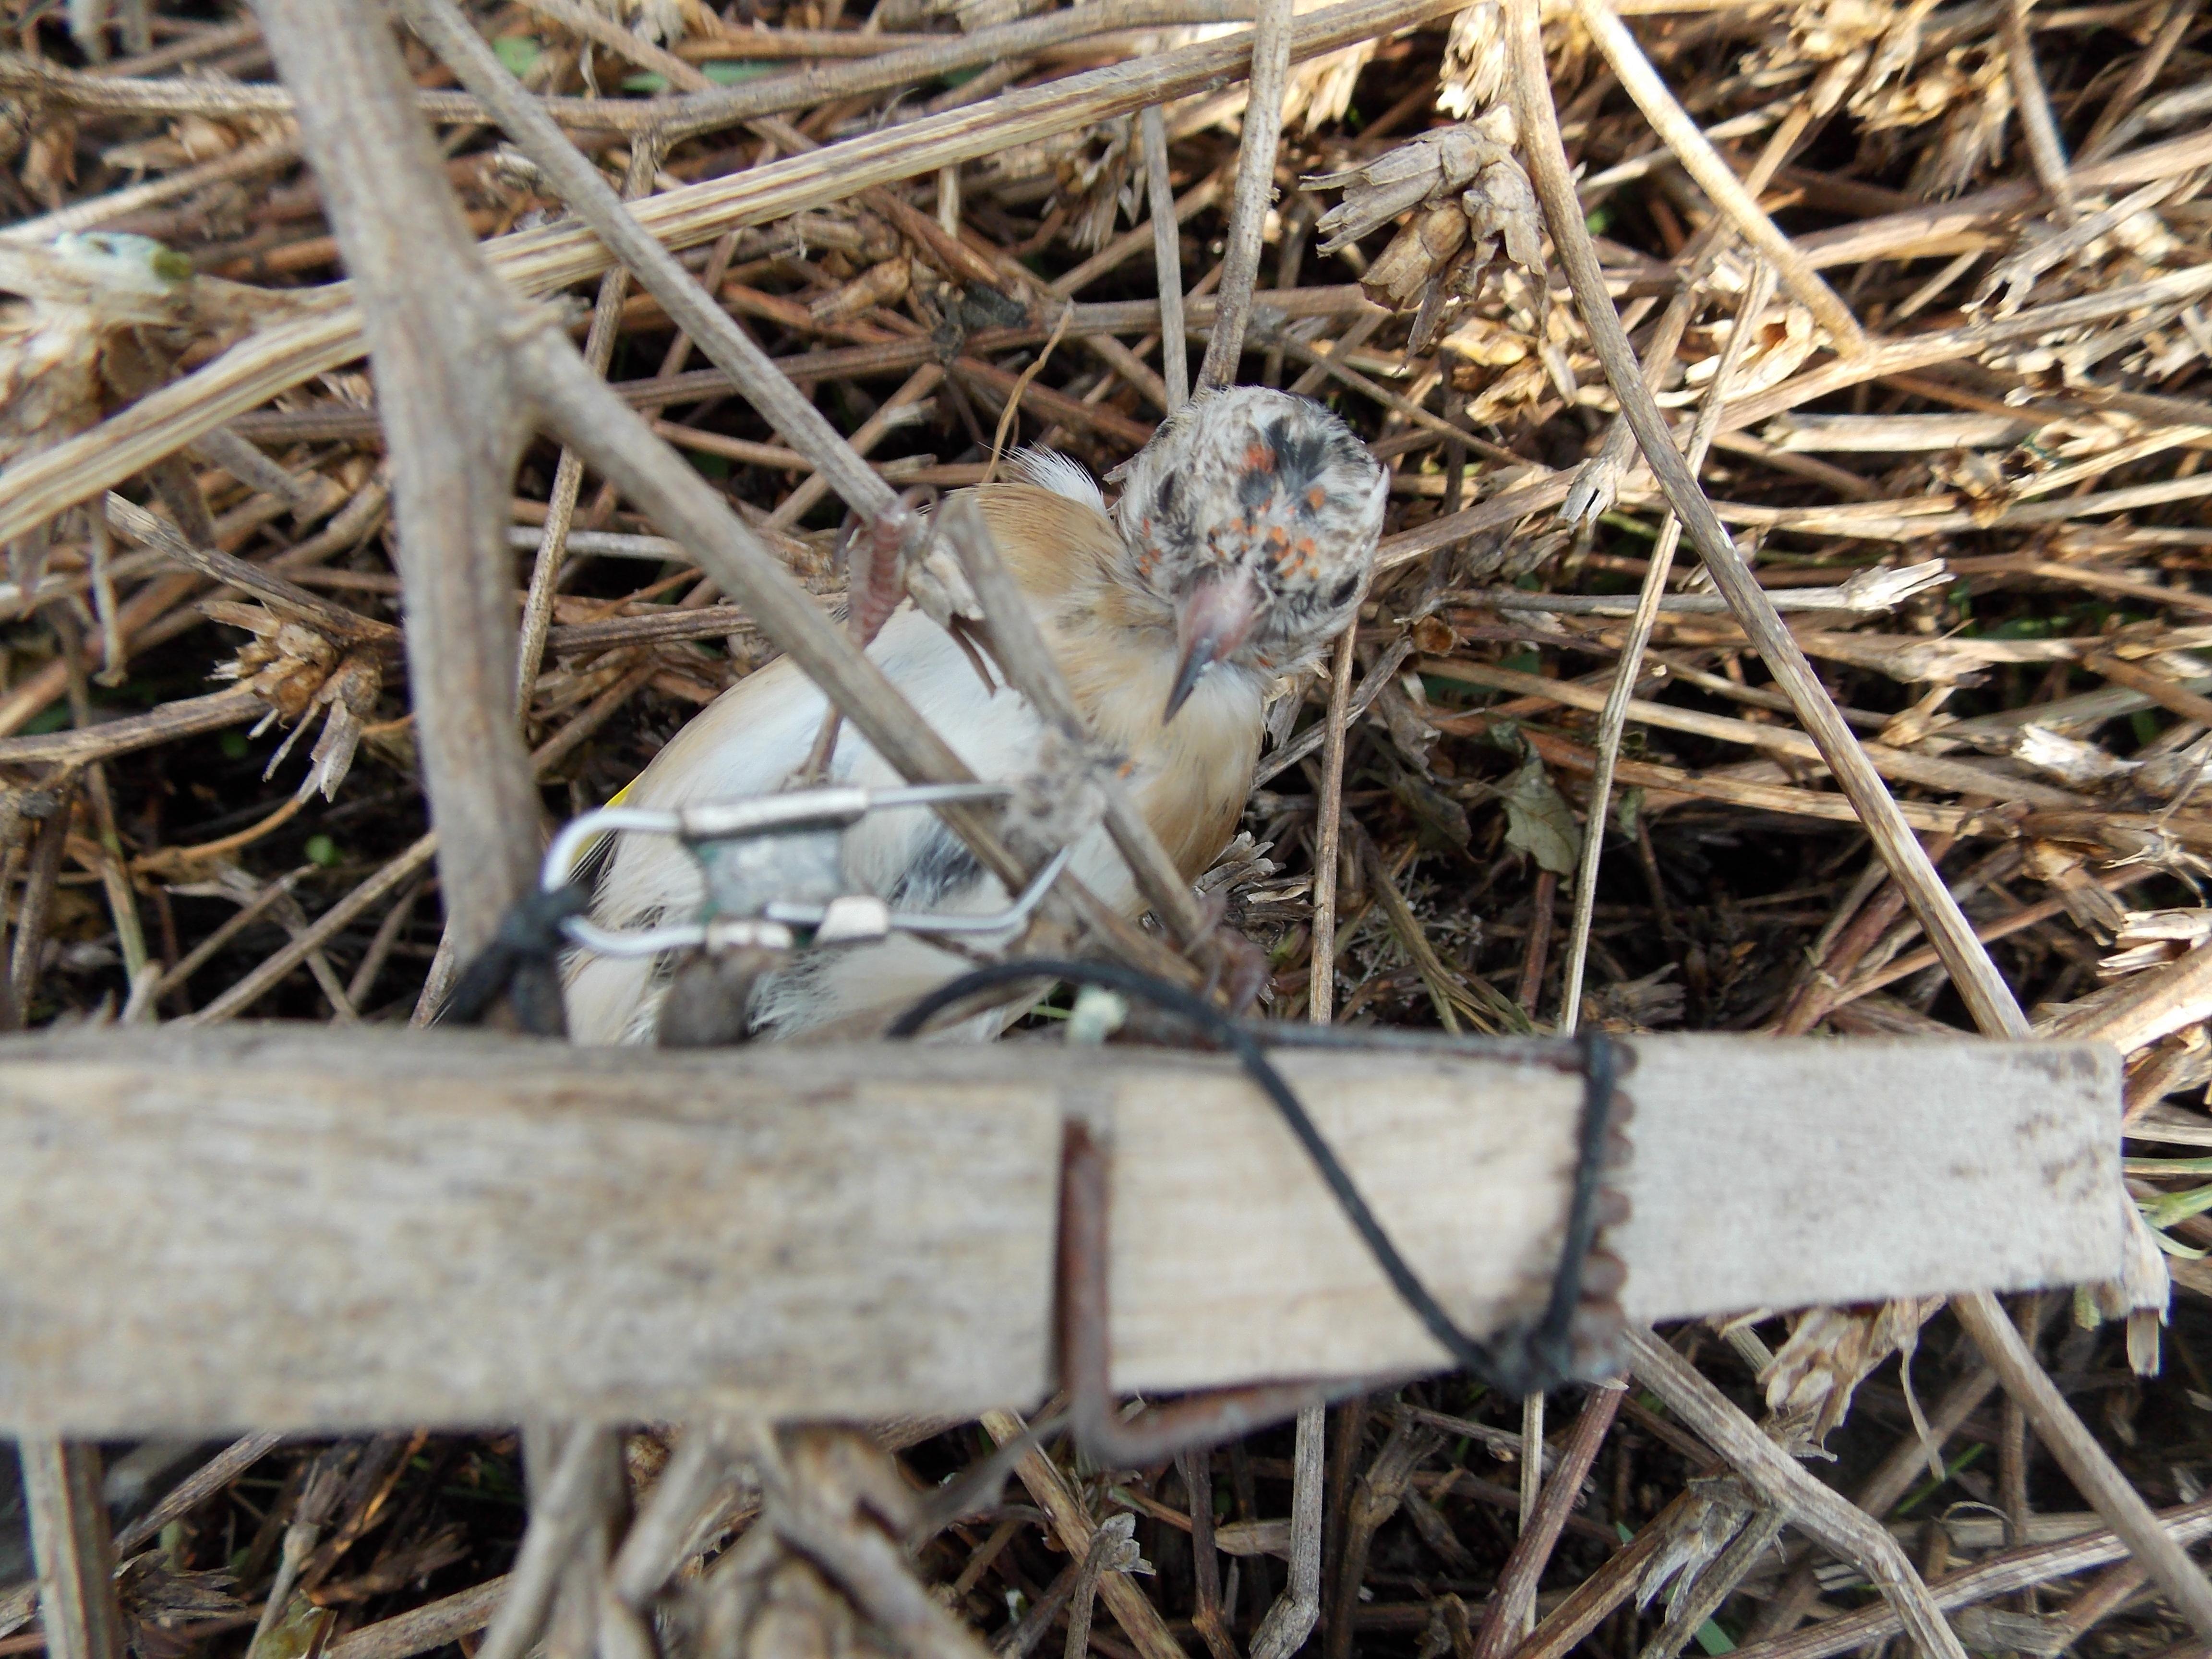 Smantellati e sequestrati, dal Corpo Forestale, attrezzature per uccellagione